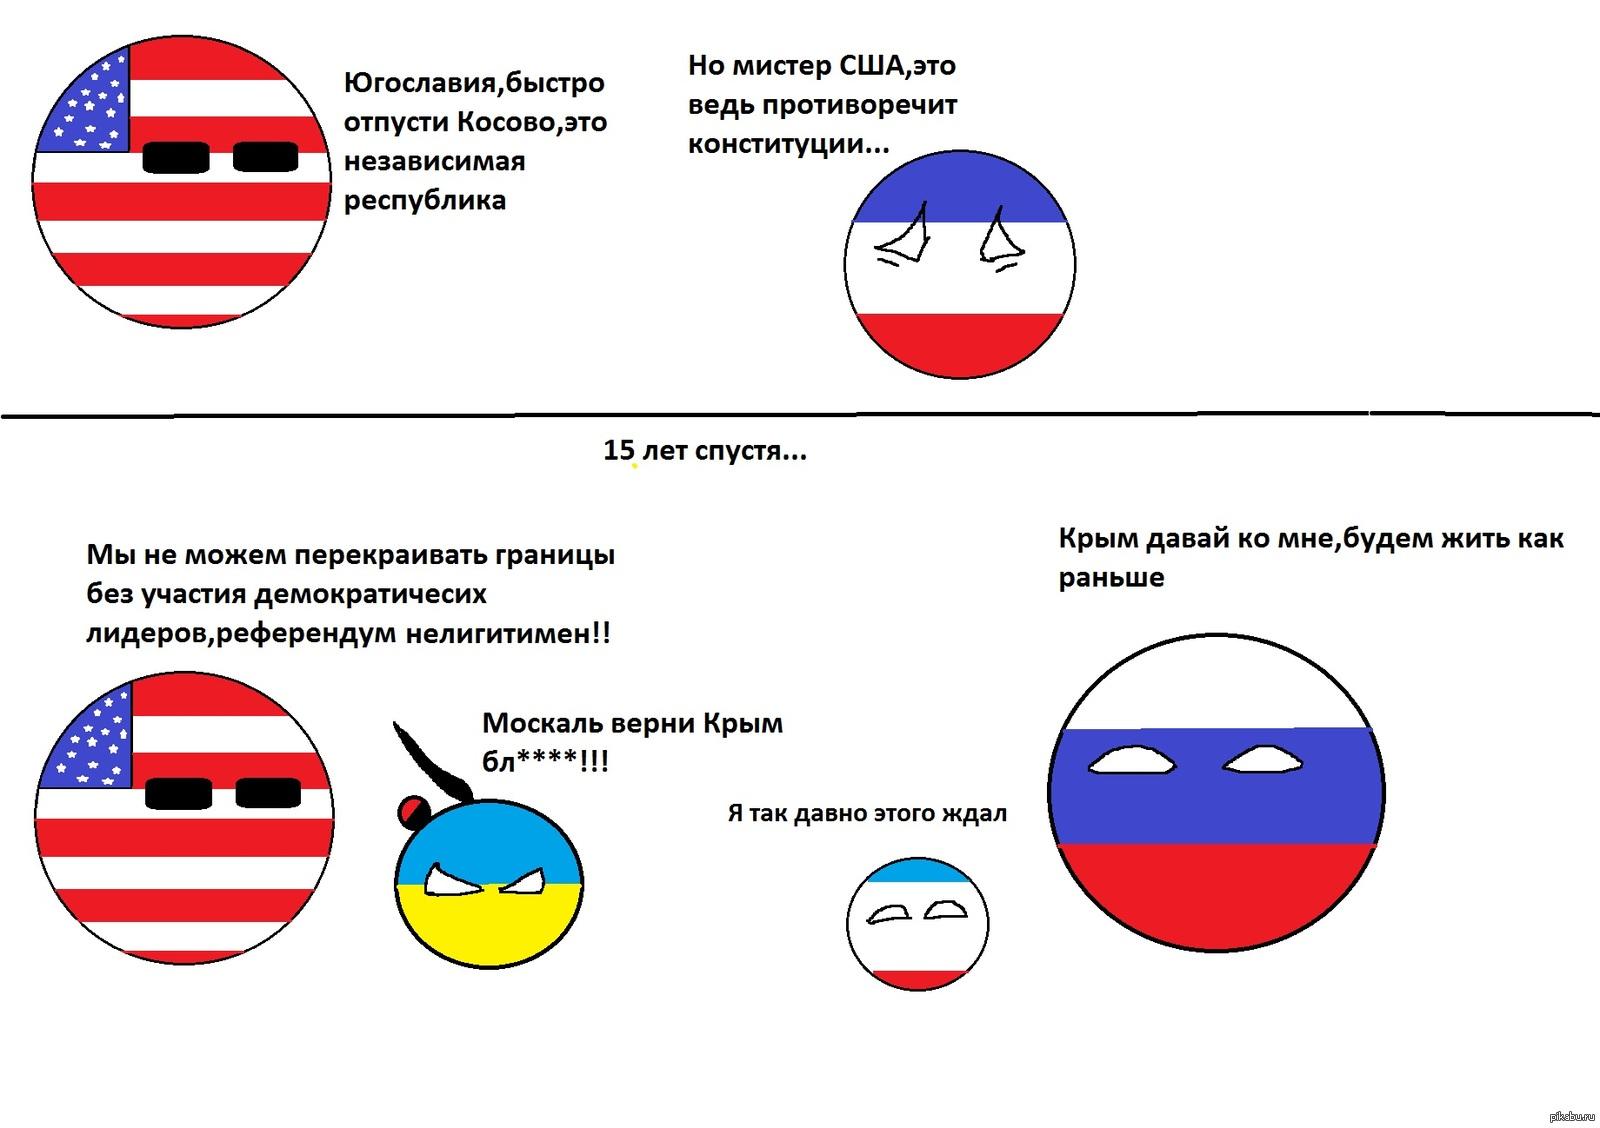 Прикольные картинки про россию и сша украину и турцию, картинки смешные